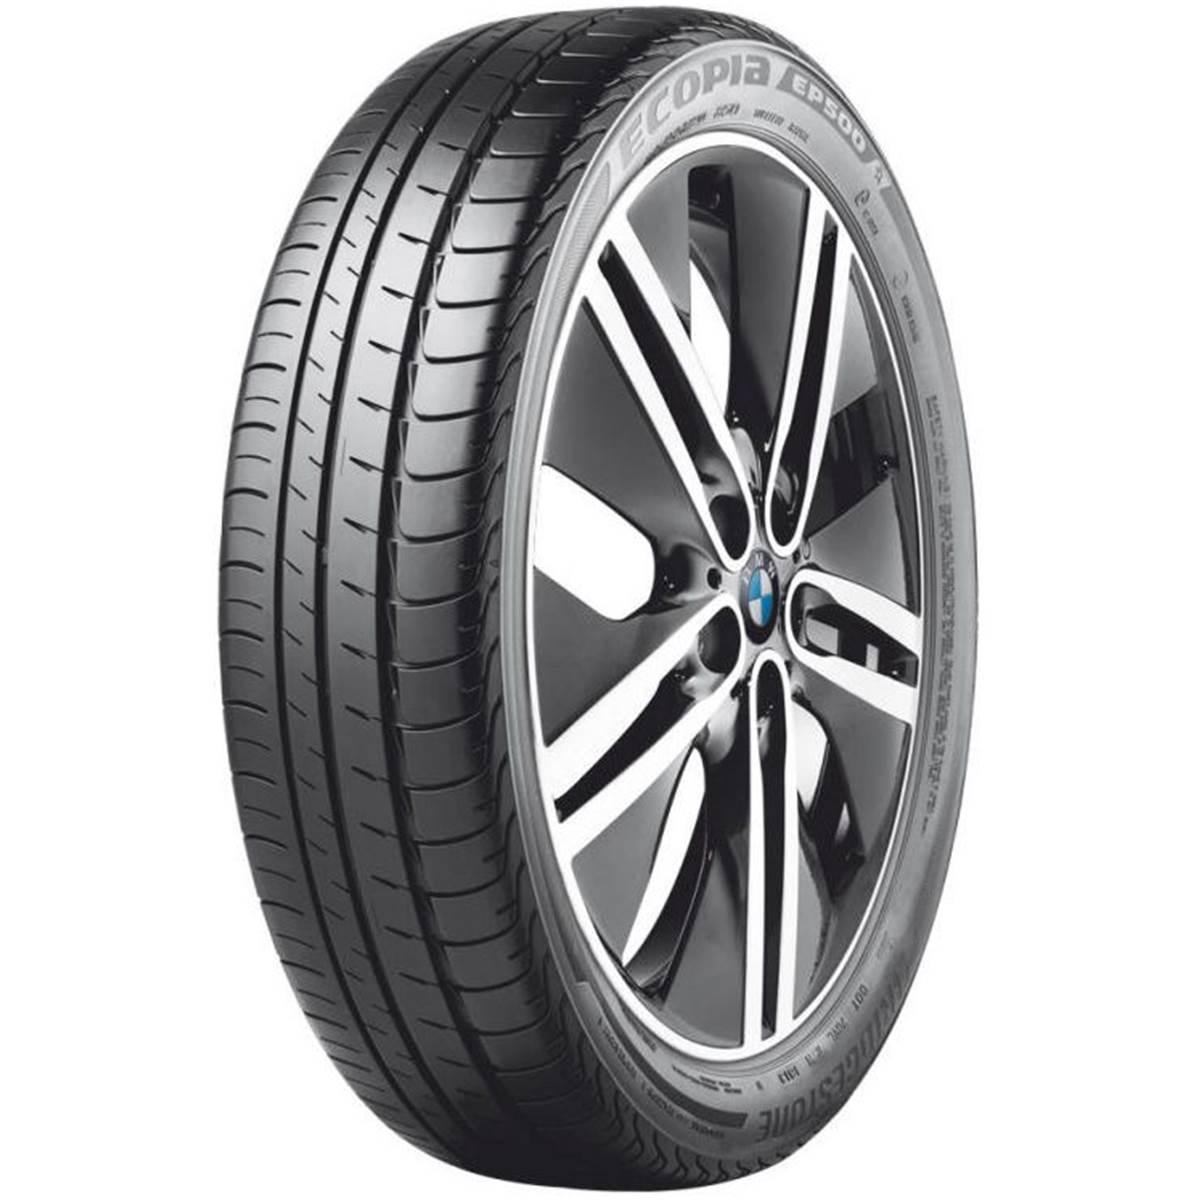 Pneu Bridgestone 175/55R20 85Q Ecopia Ep500